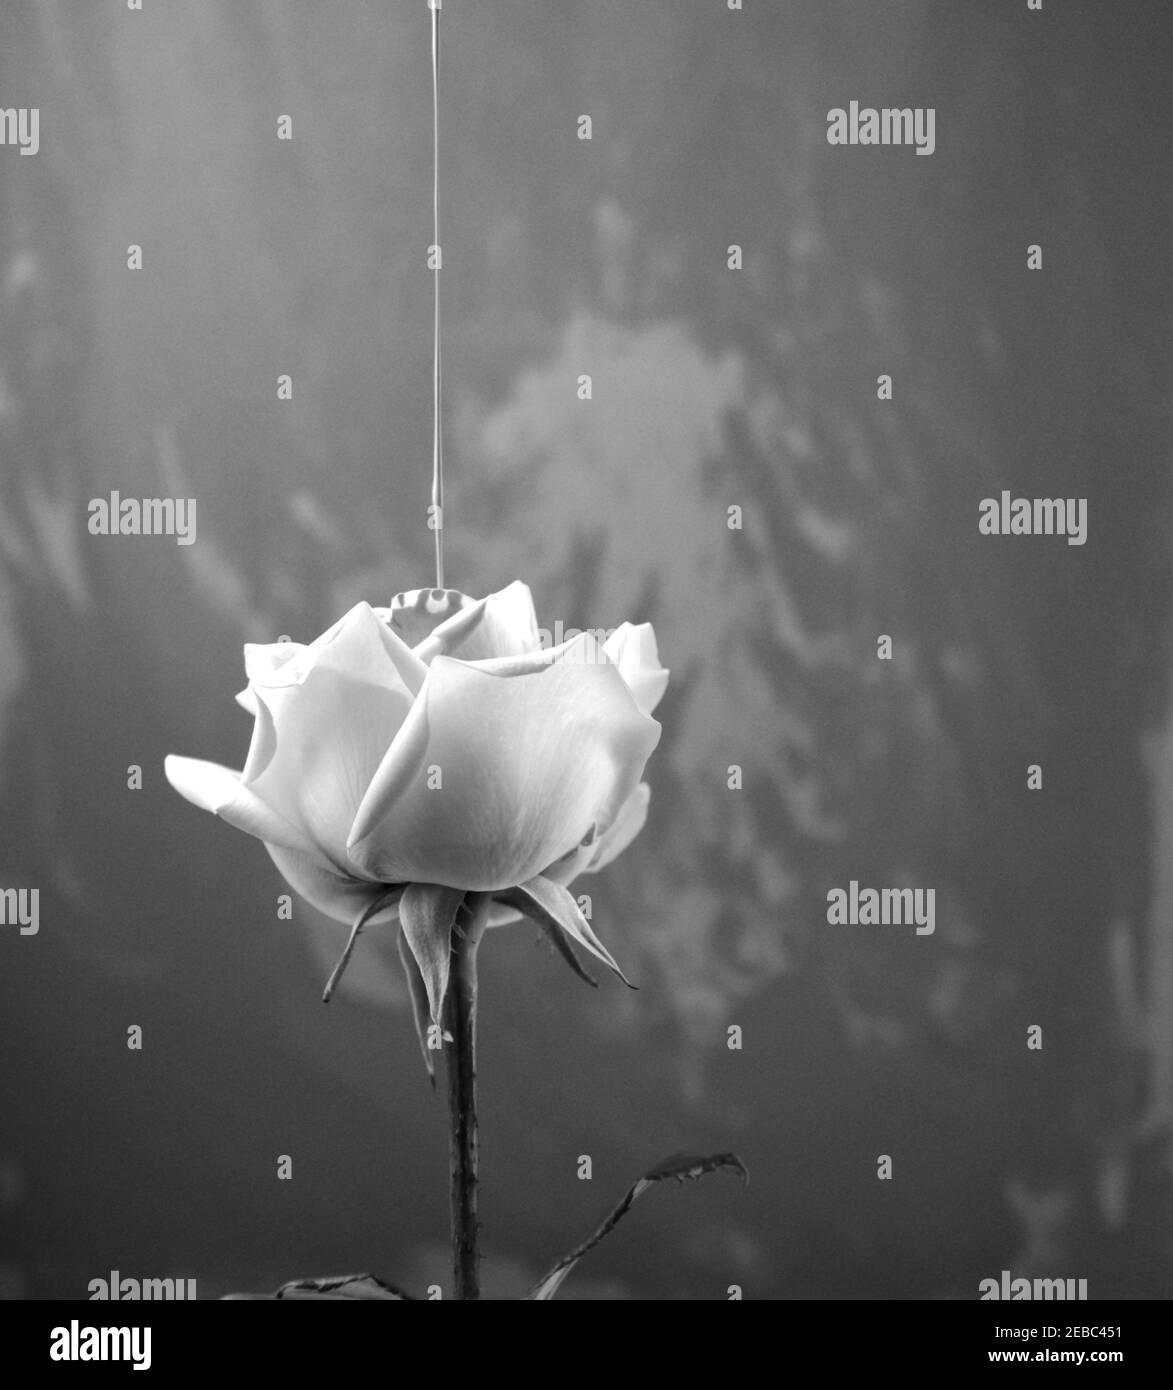 Fotografía de estilo vintage en blanco y negro. El color del líquido acrílico se vierte en rosa. Vista lateral de flor única con arte irregular Foto de stock